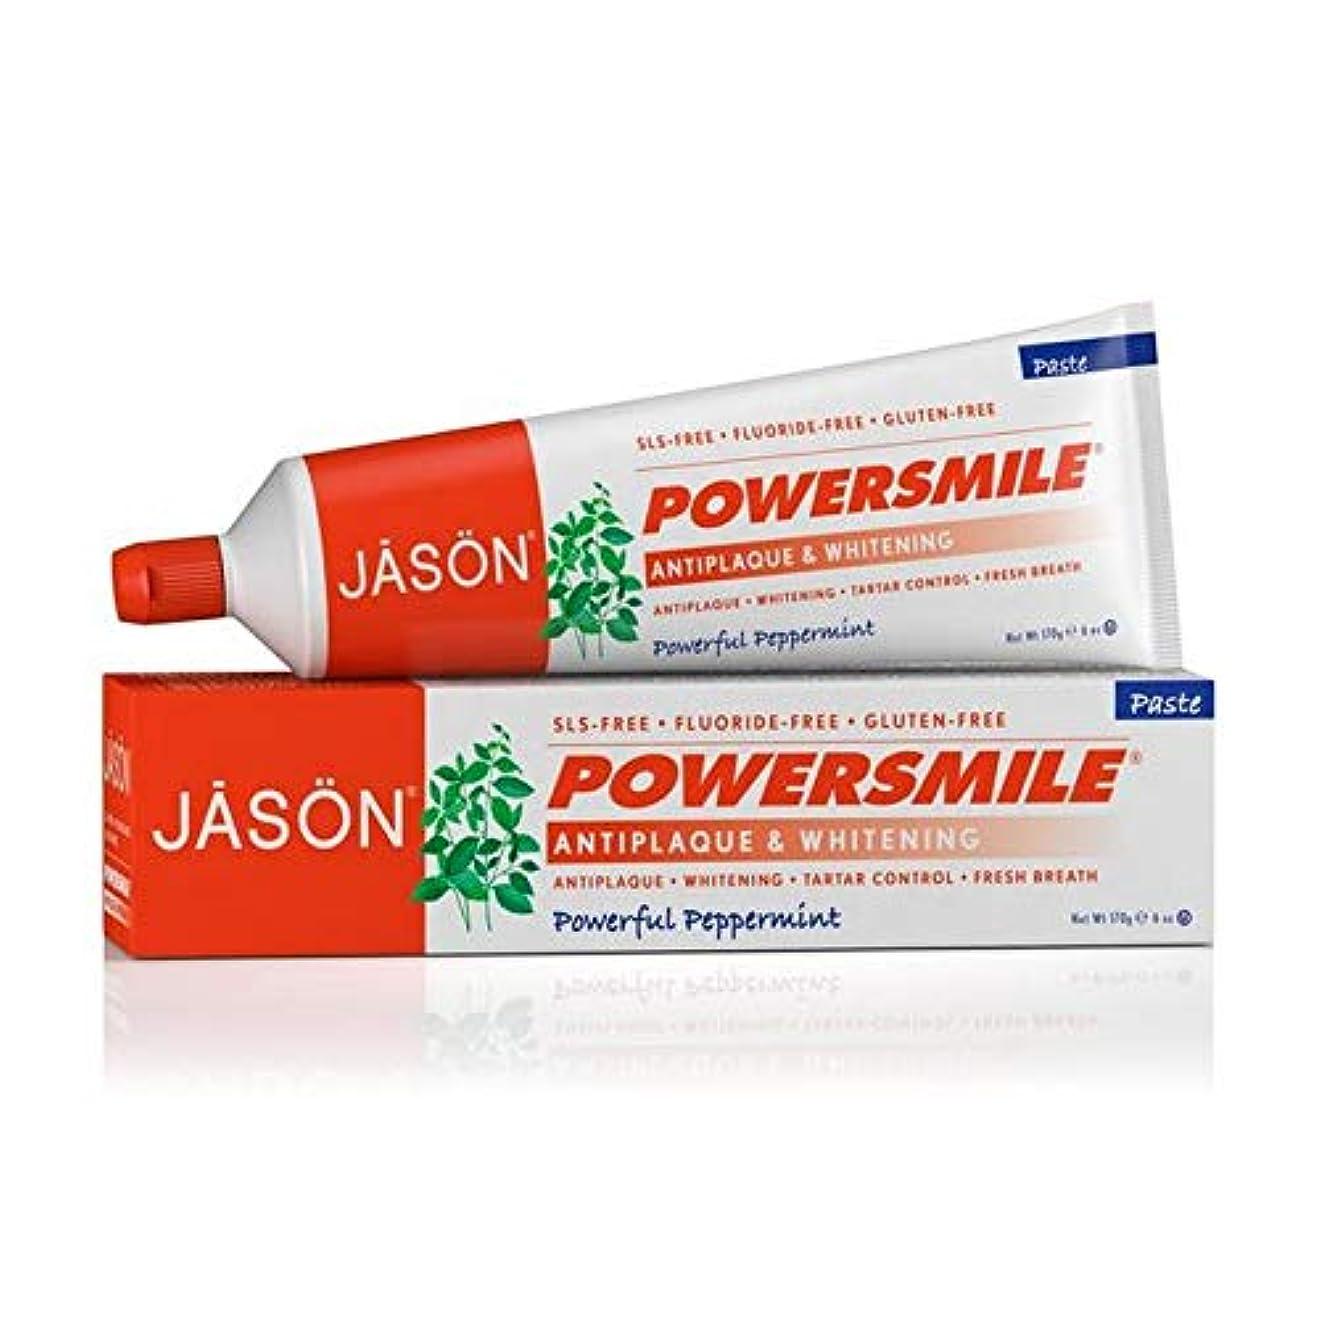 威するソーシャル君主制[Jason ] ジェイソンPowersmile歯磨き粉の170グラム - Jason Powersmile Toothpaste 170g [並行輸入品]